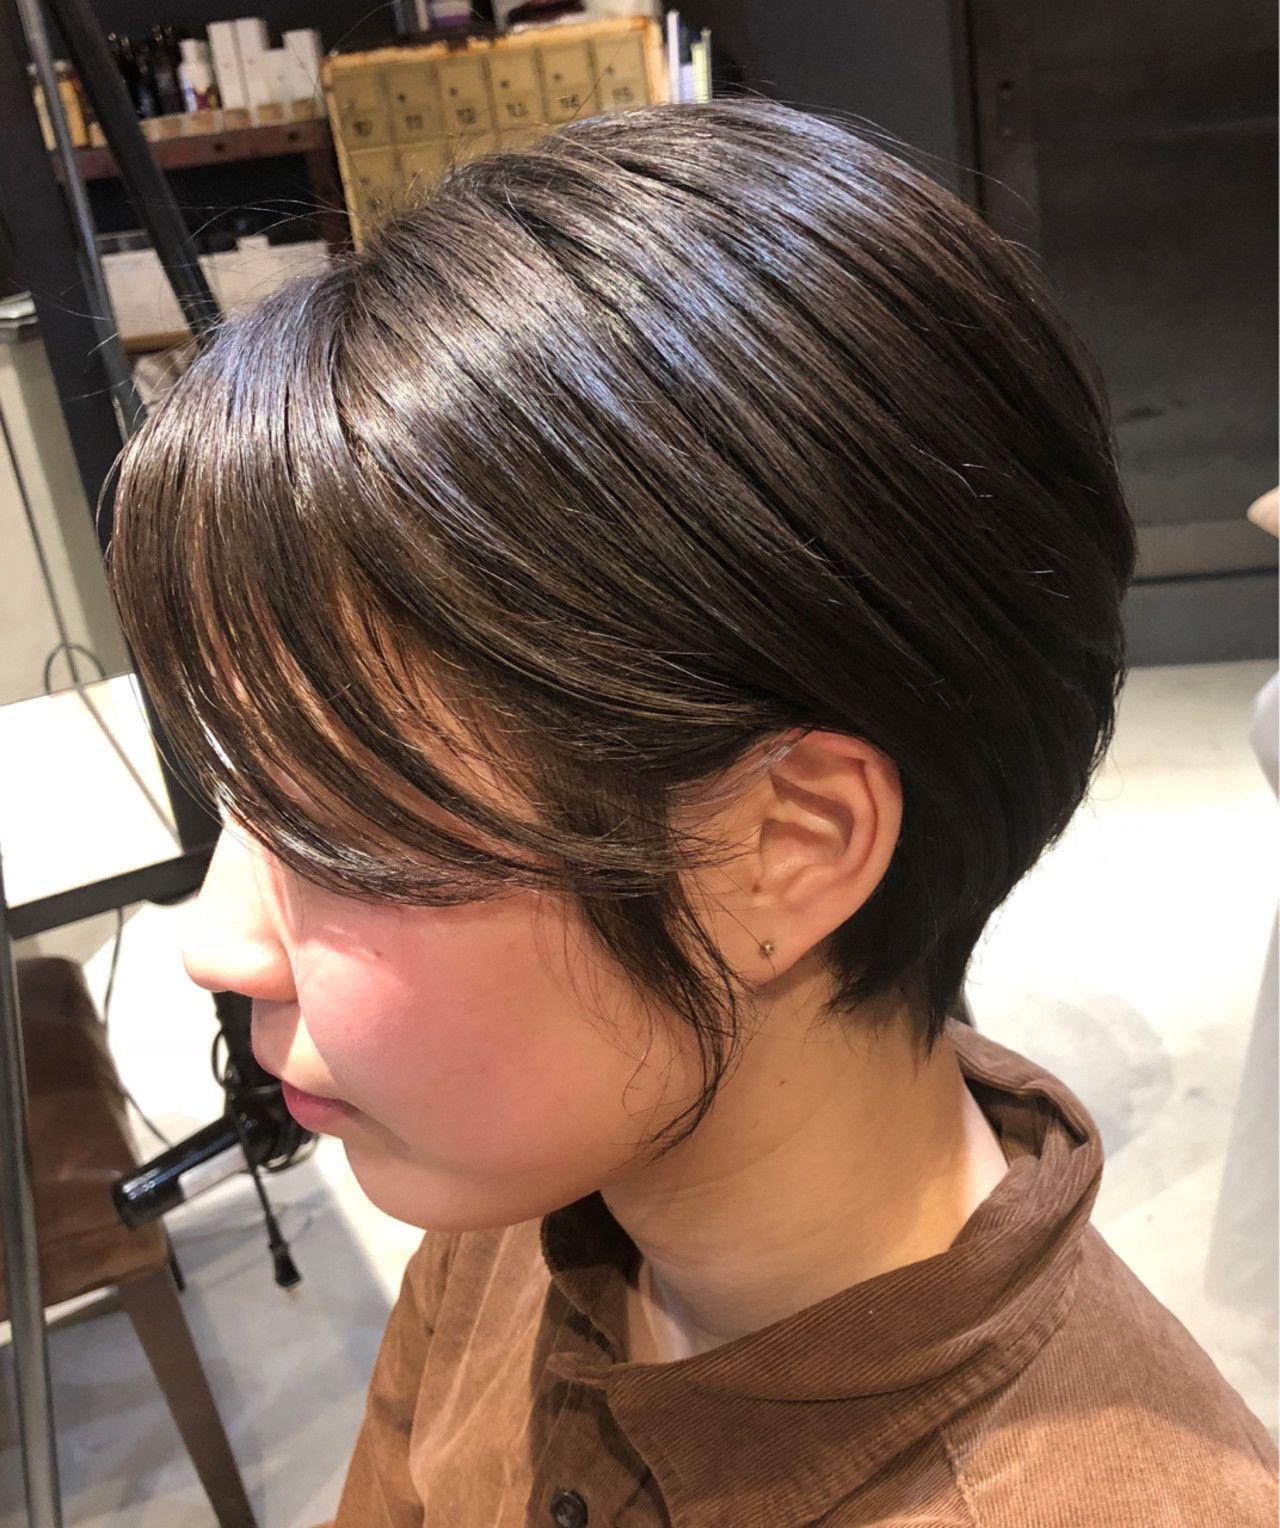 髪にオイルつけすぎてない ヘアオイルの使い方とおすすめオイル大特集 Hair 画像あり ヘアスタイリング 短い髪の